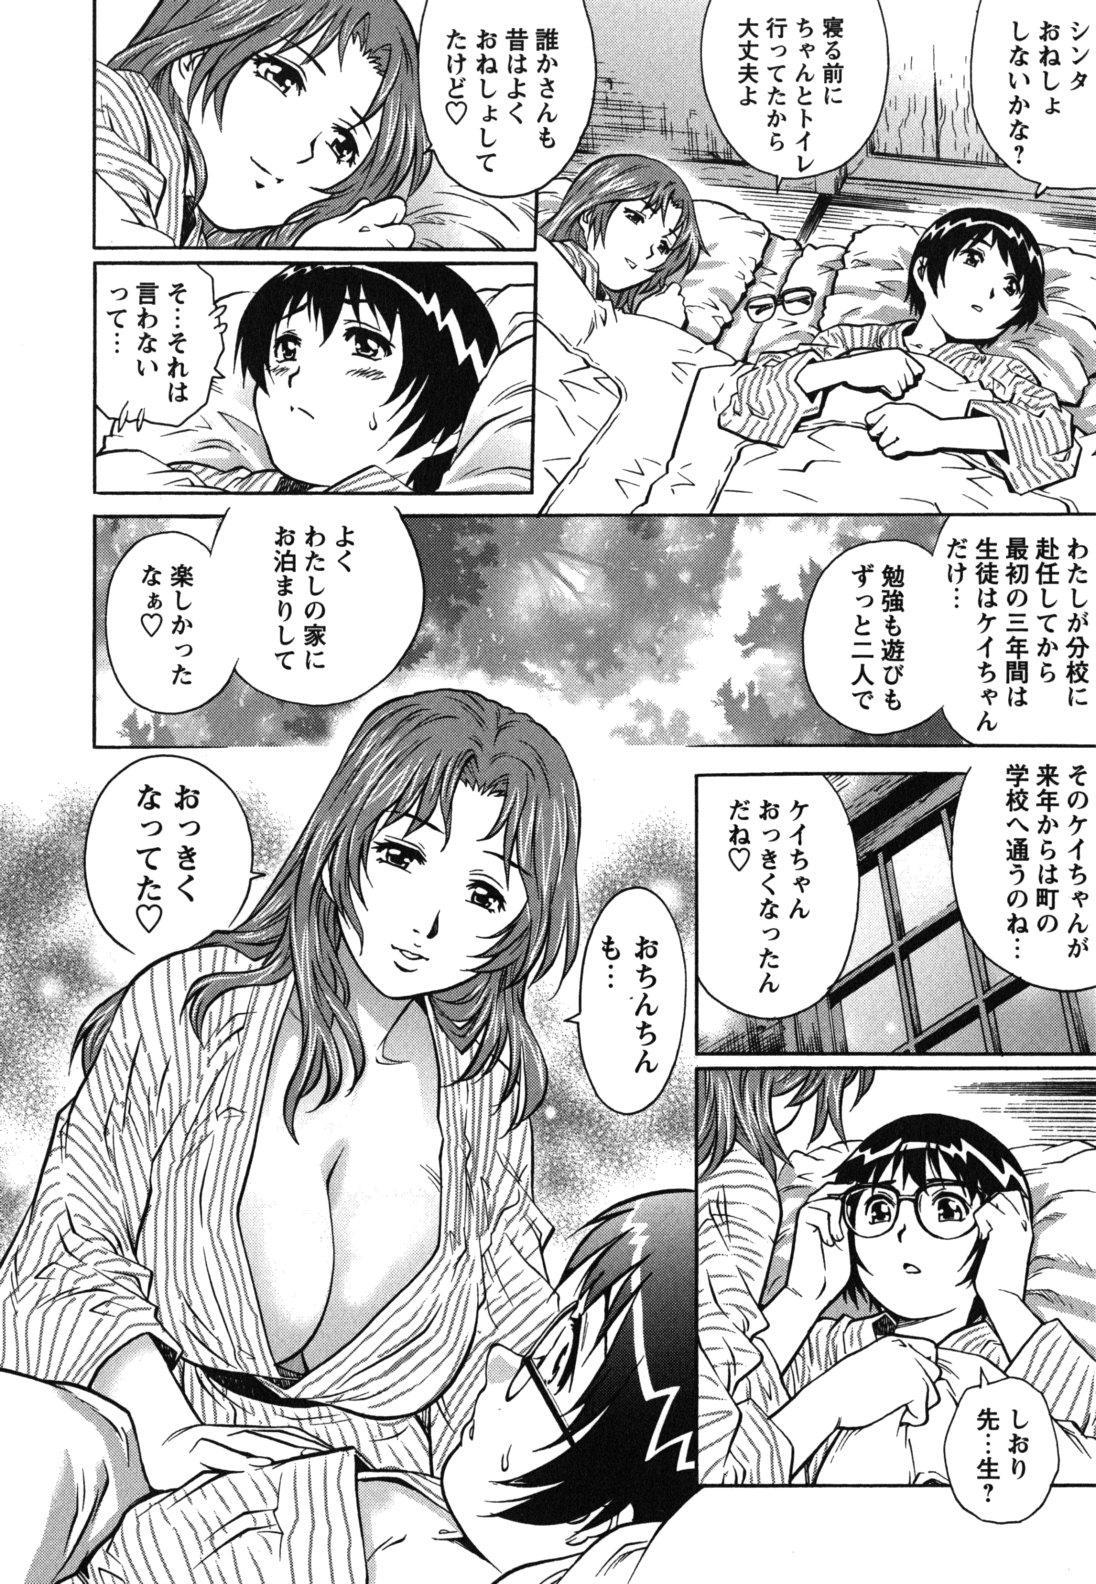 Hajimete no SEX 58